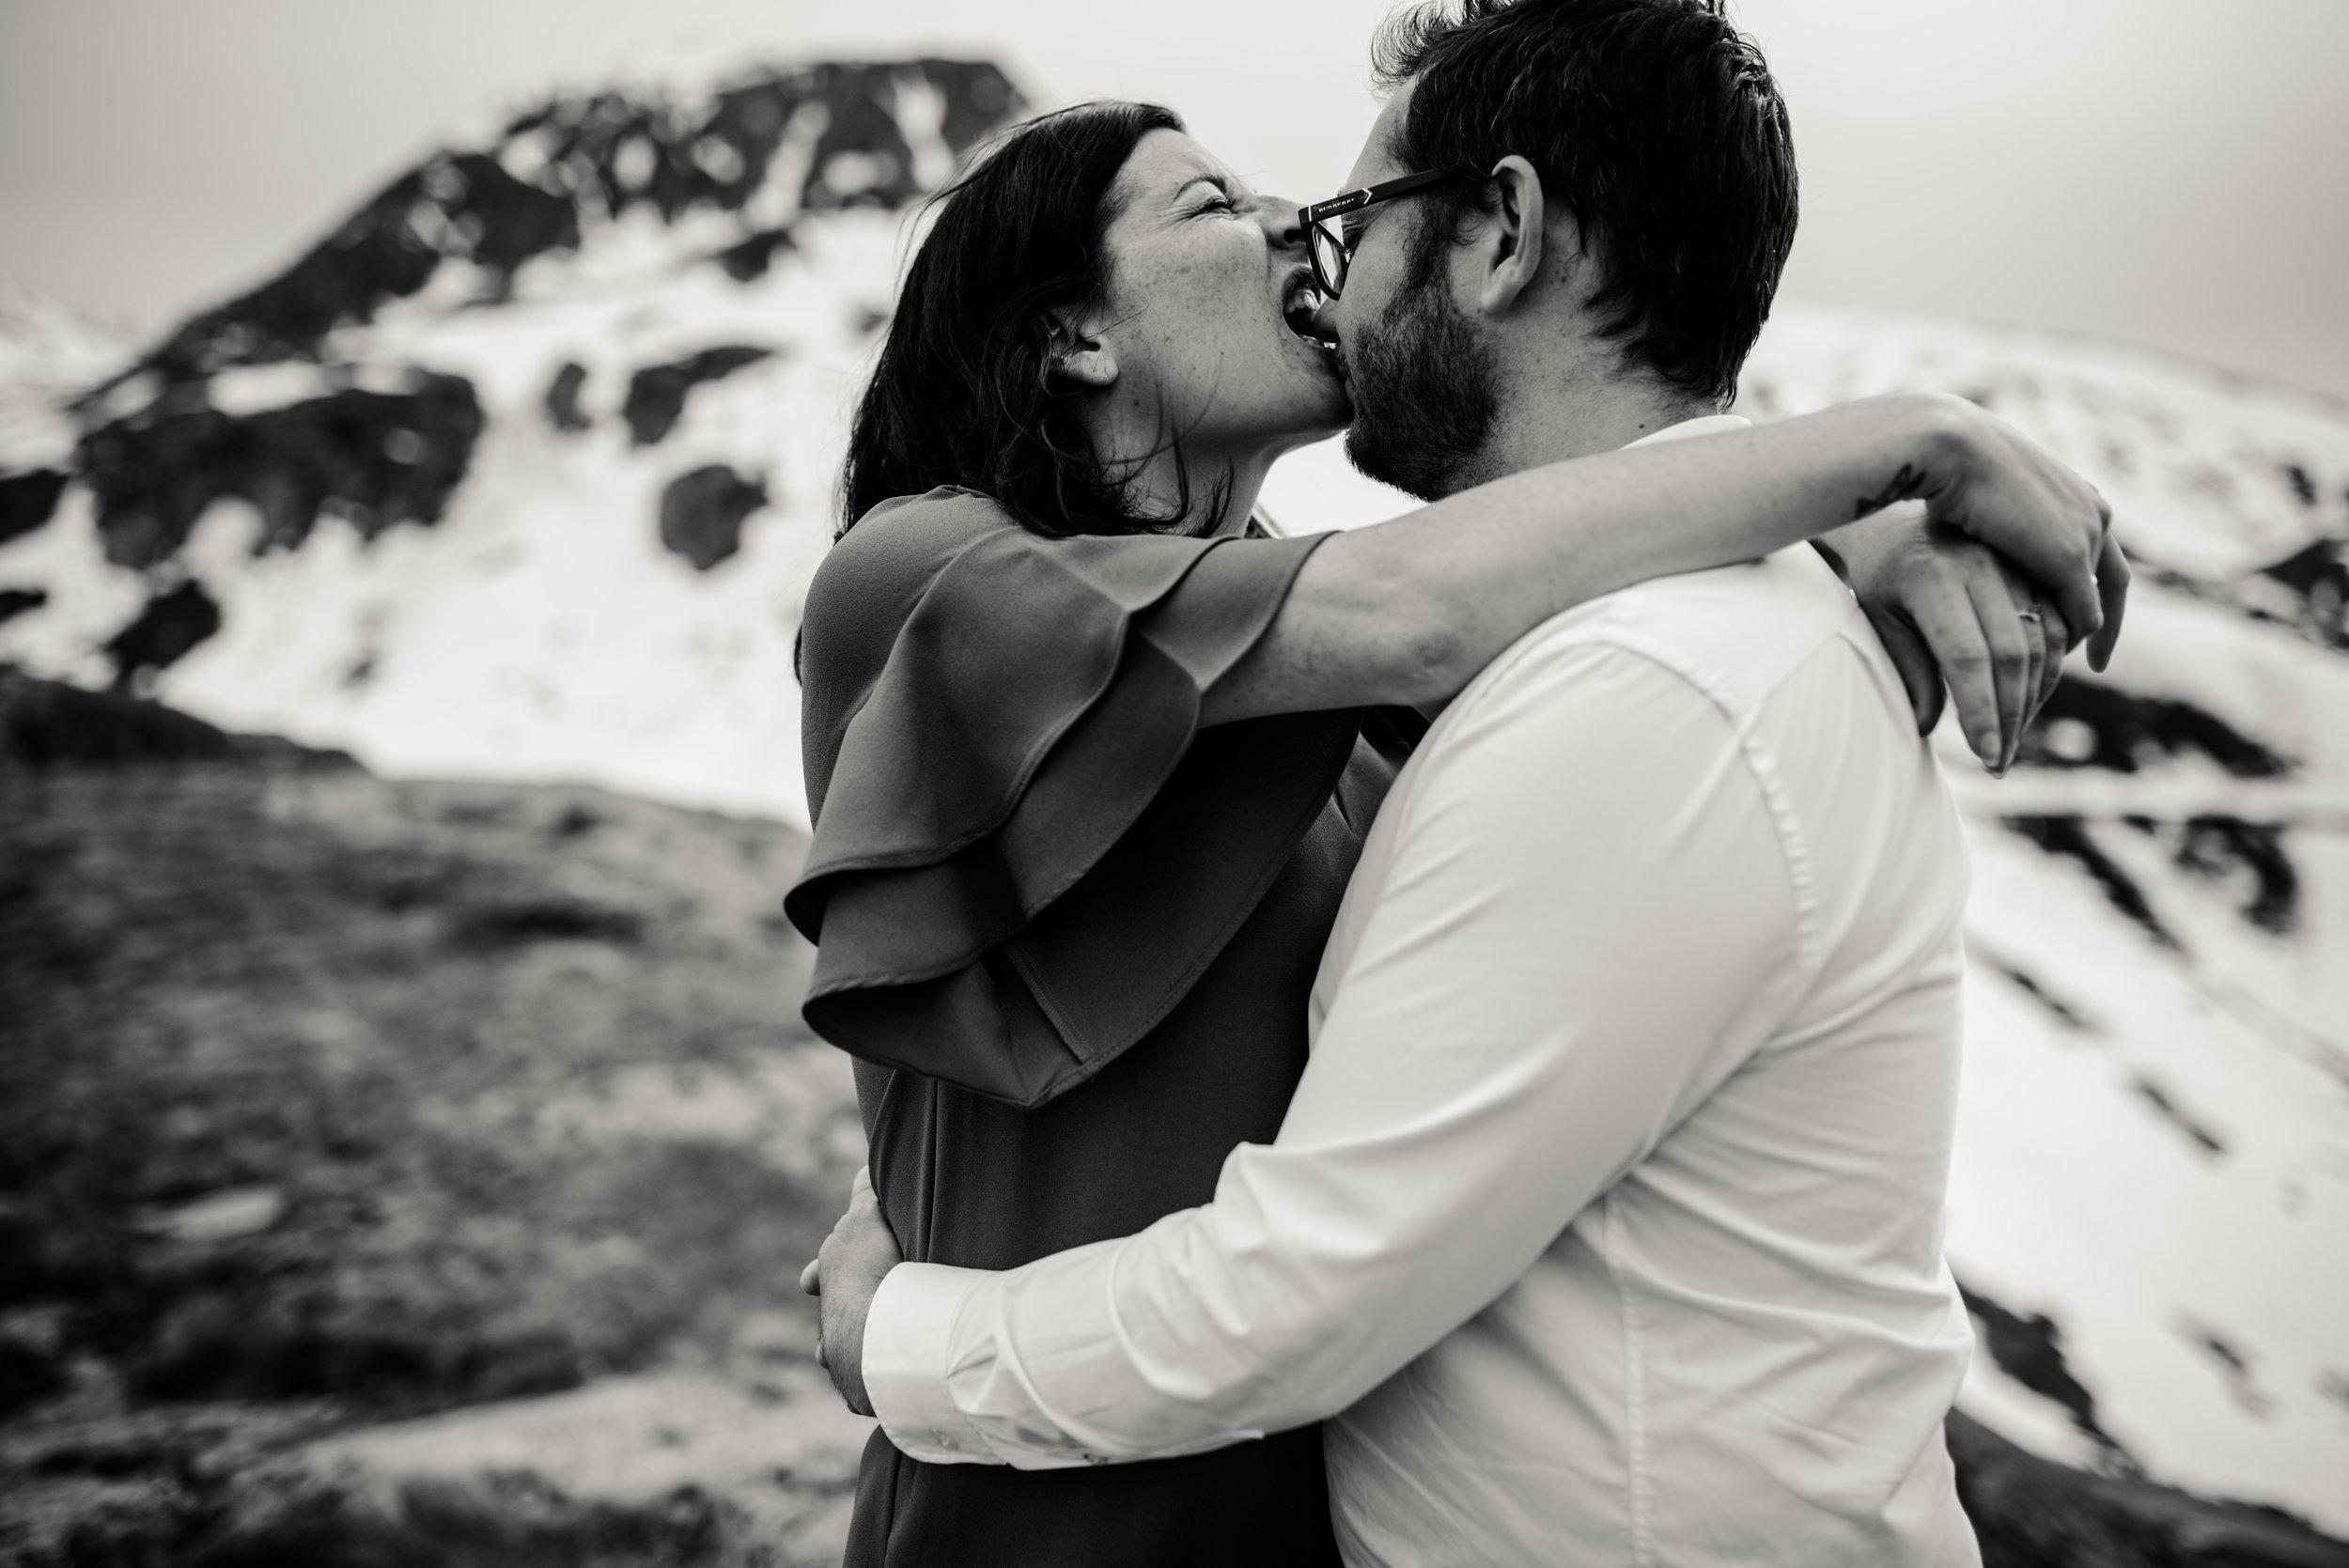 Léa-Fery-photographe-professionnel-lyon-rhone-alpes-portrait-creation-mariage-evenement-evenementiel-famille-0991.jpg